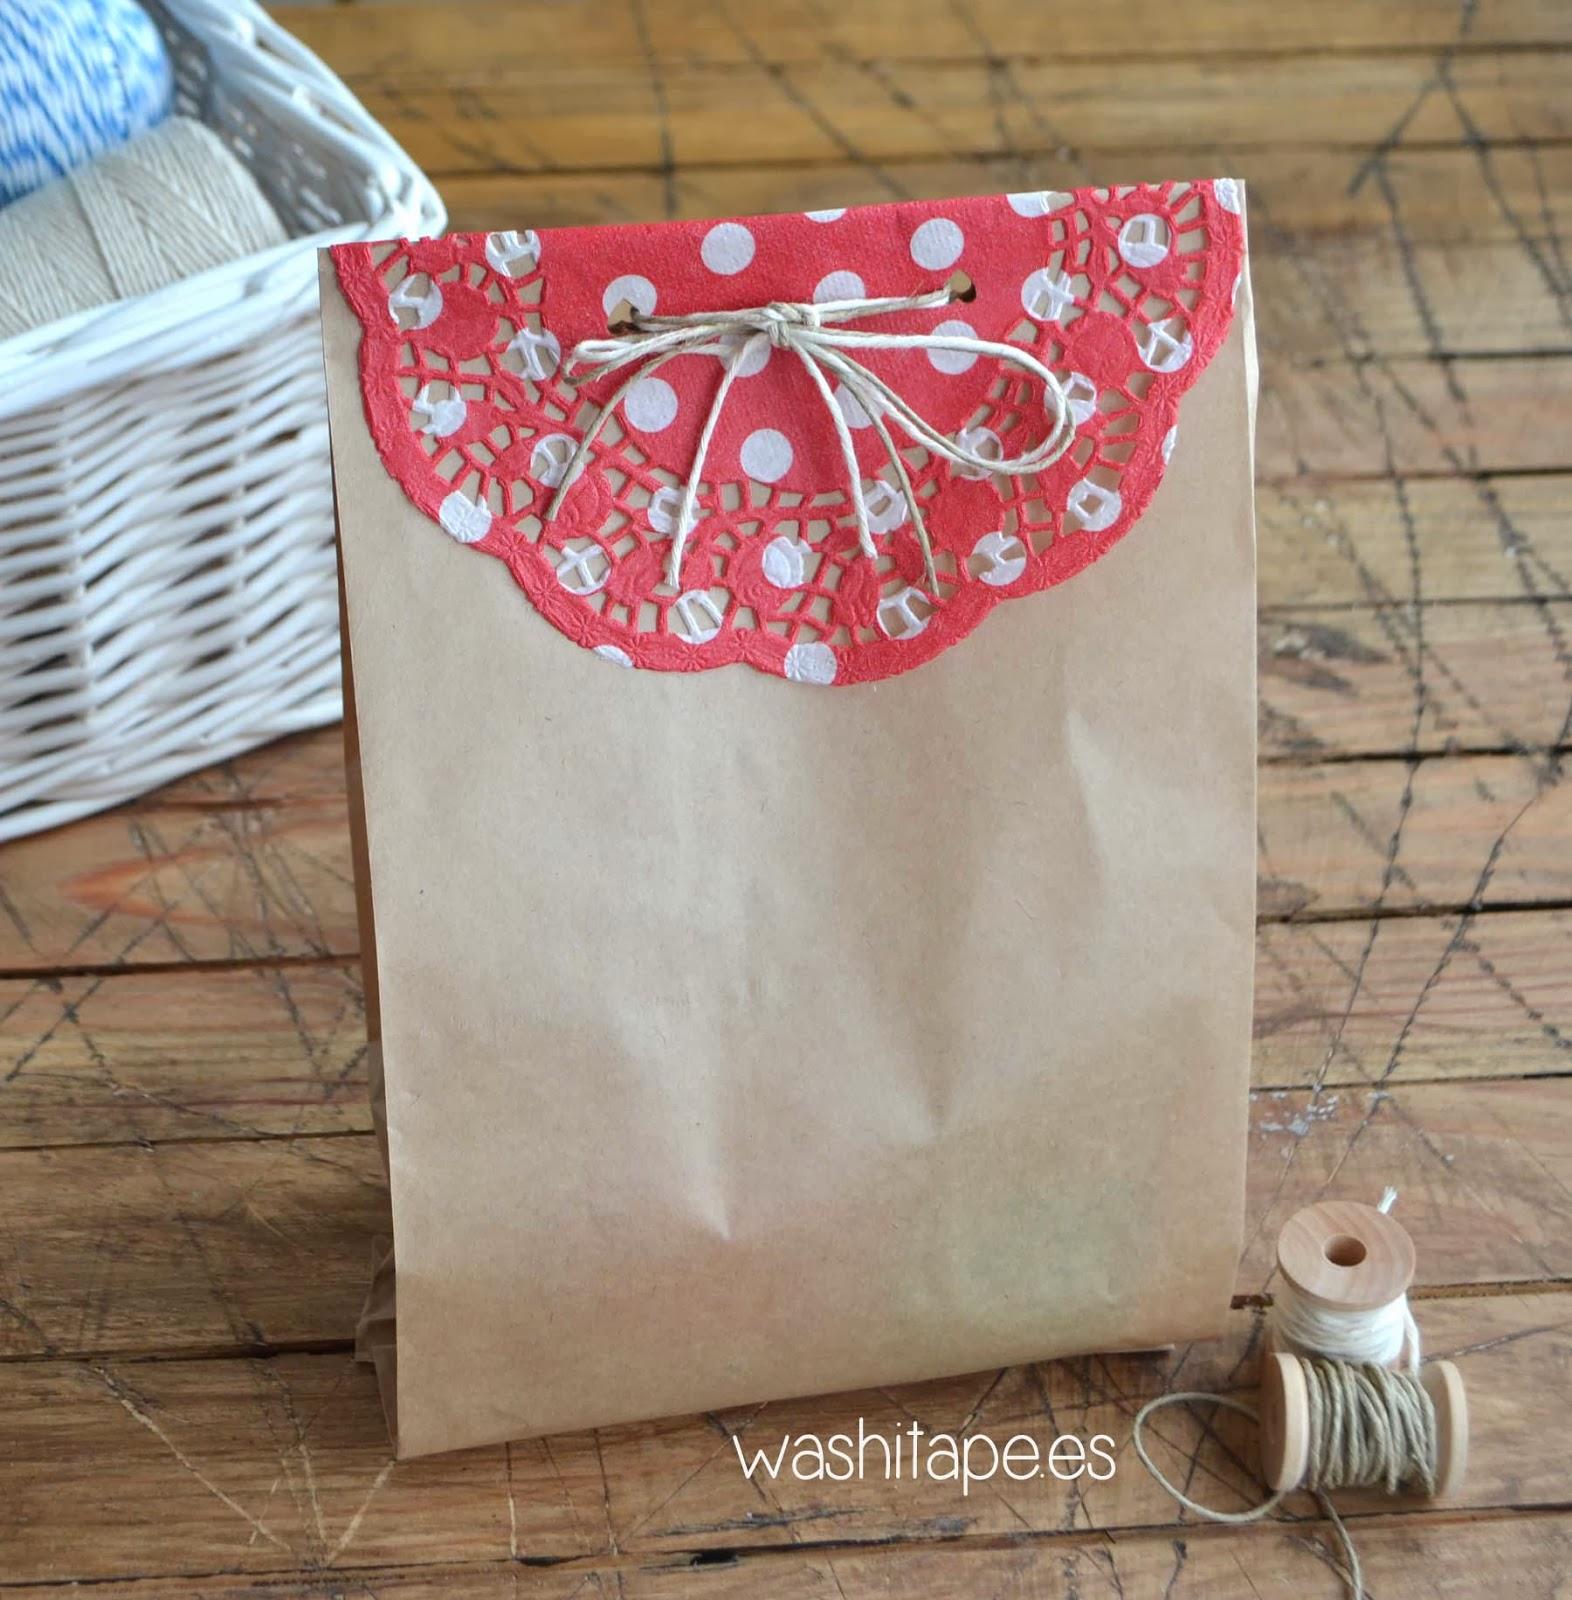 Washi tape nuevo producto bolsa de papel - Bolsas para decorar ...